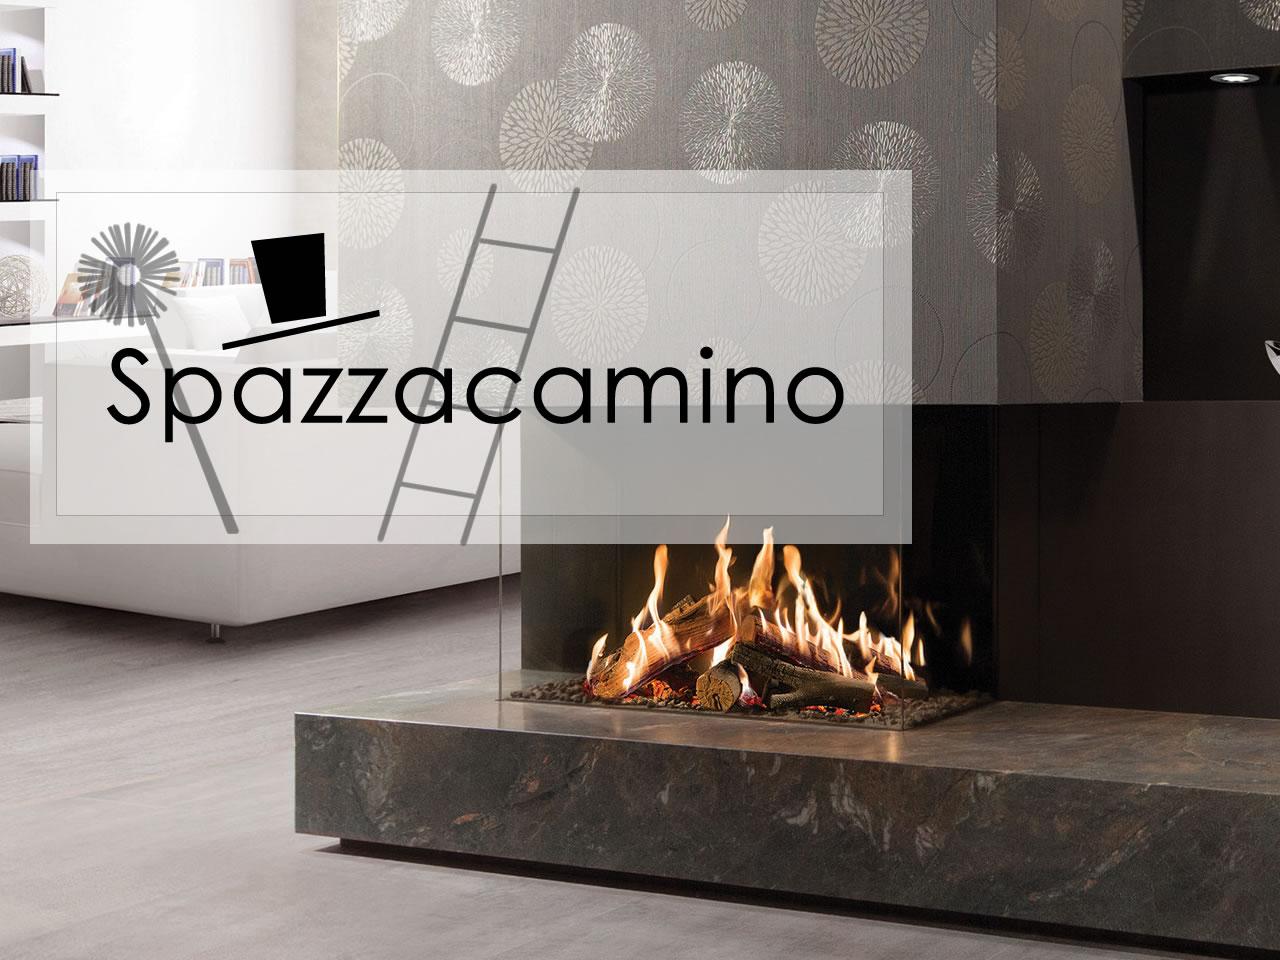 Canegrate - Spazzacamino Canna Fumaria a Canegrate